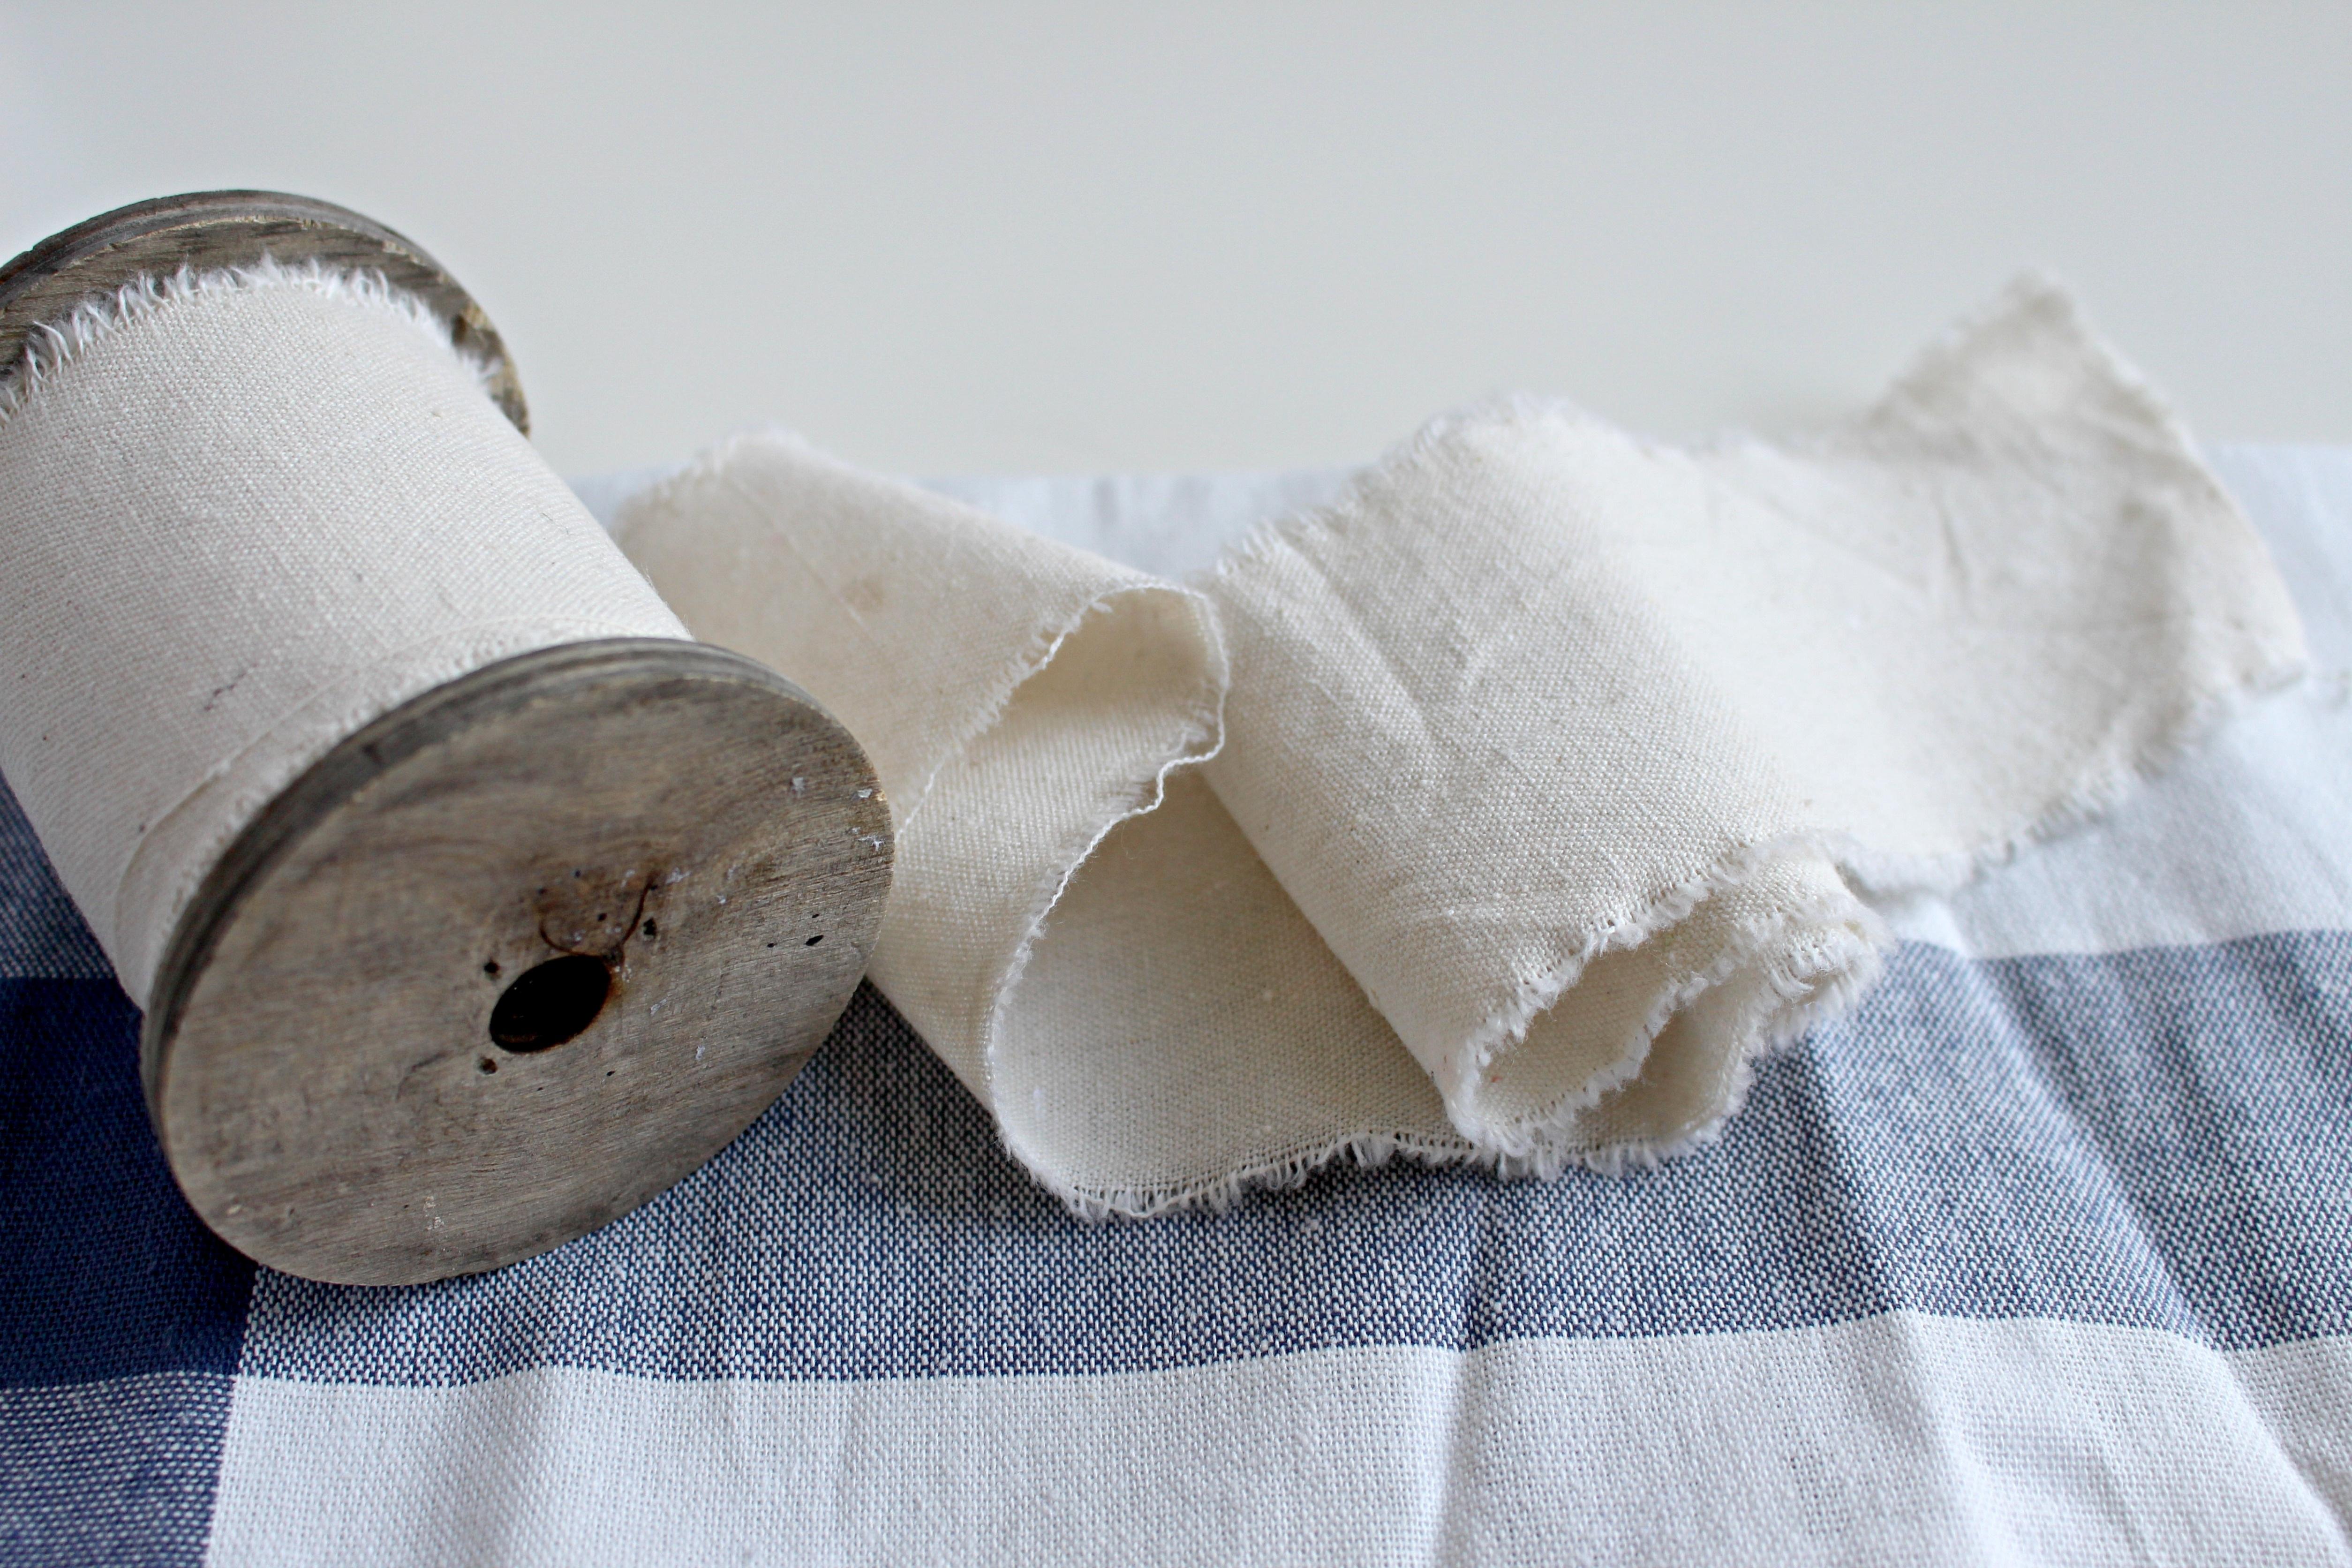 Comment Faire Un Rideau Sous Evier images gratuites : blanc, évier, artisanat, matériel, bobine